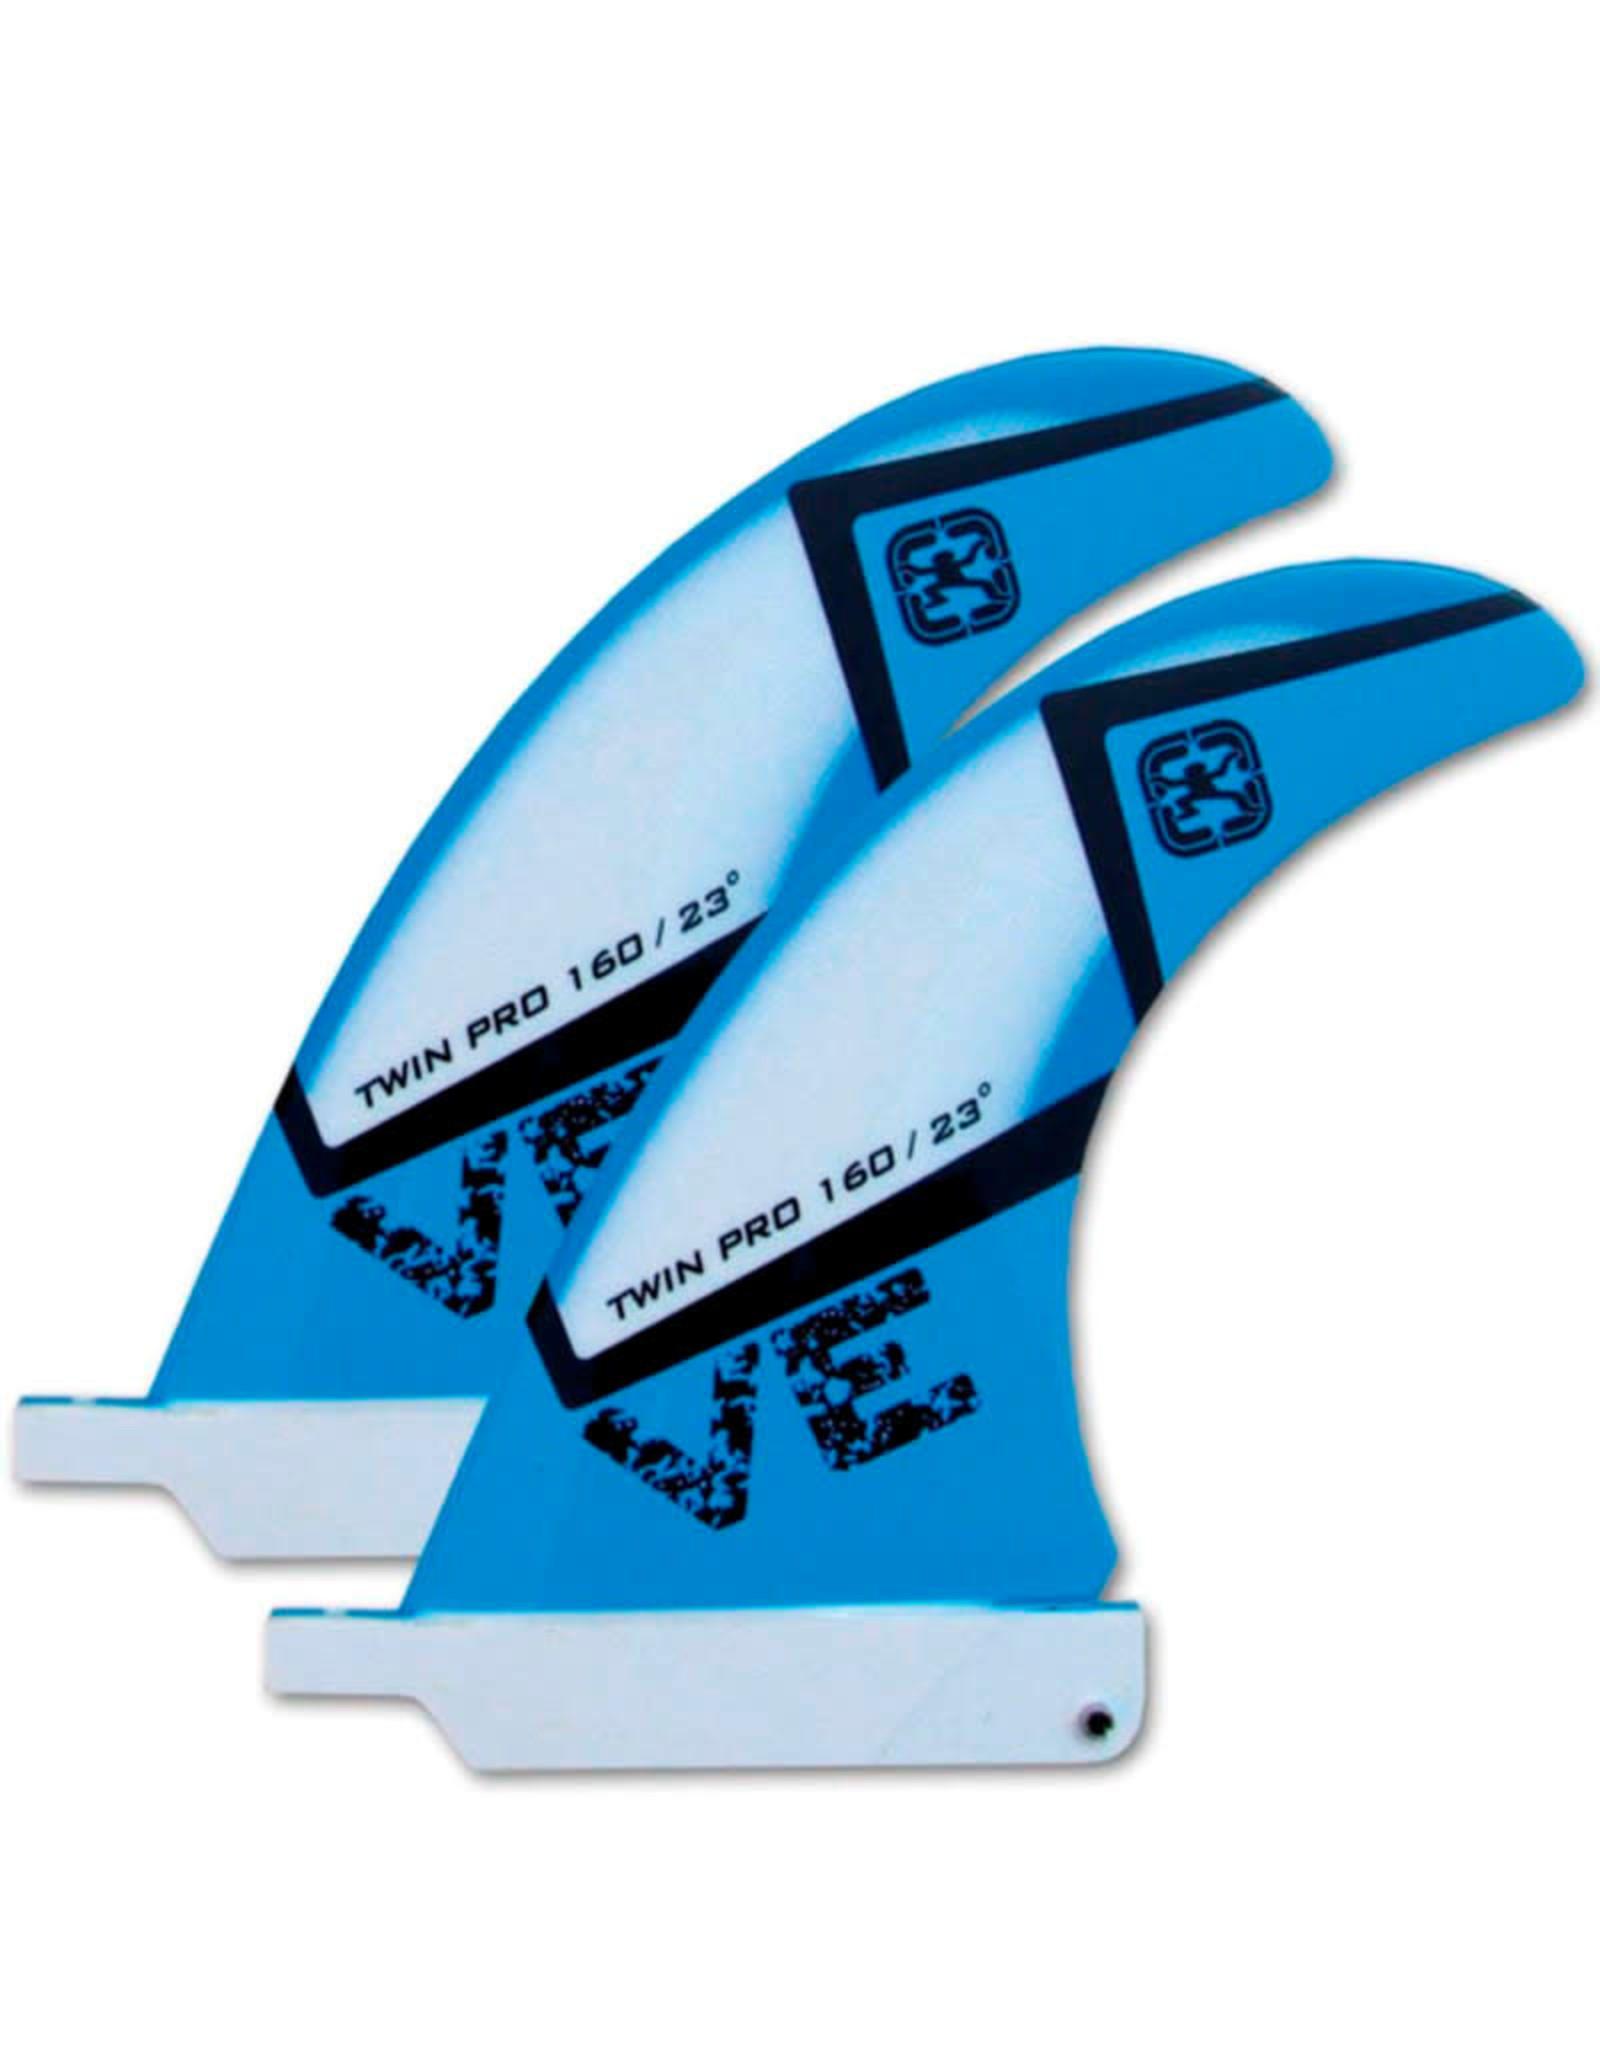 Tekknosport Tekknosport Fin VE Twin Pro 170 US Box